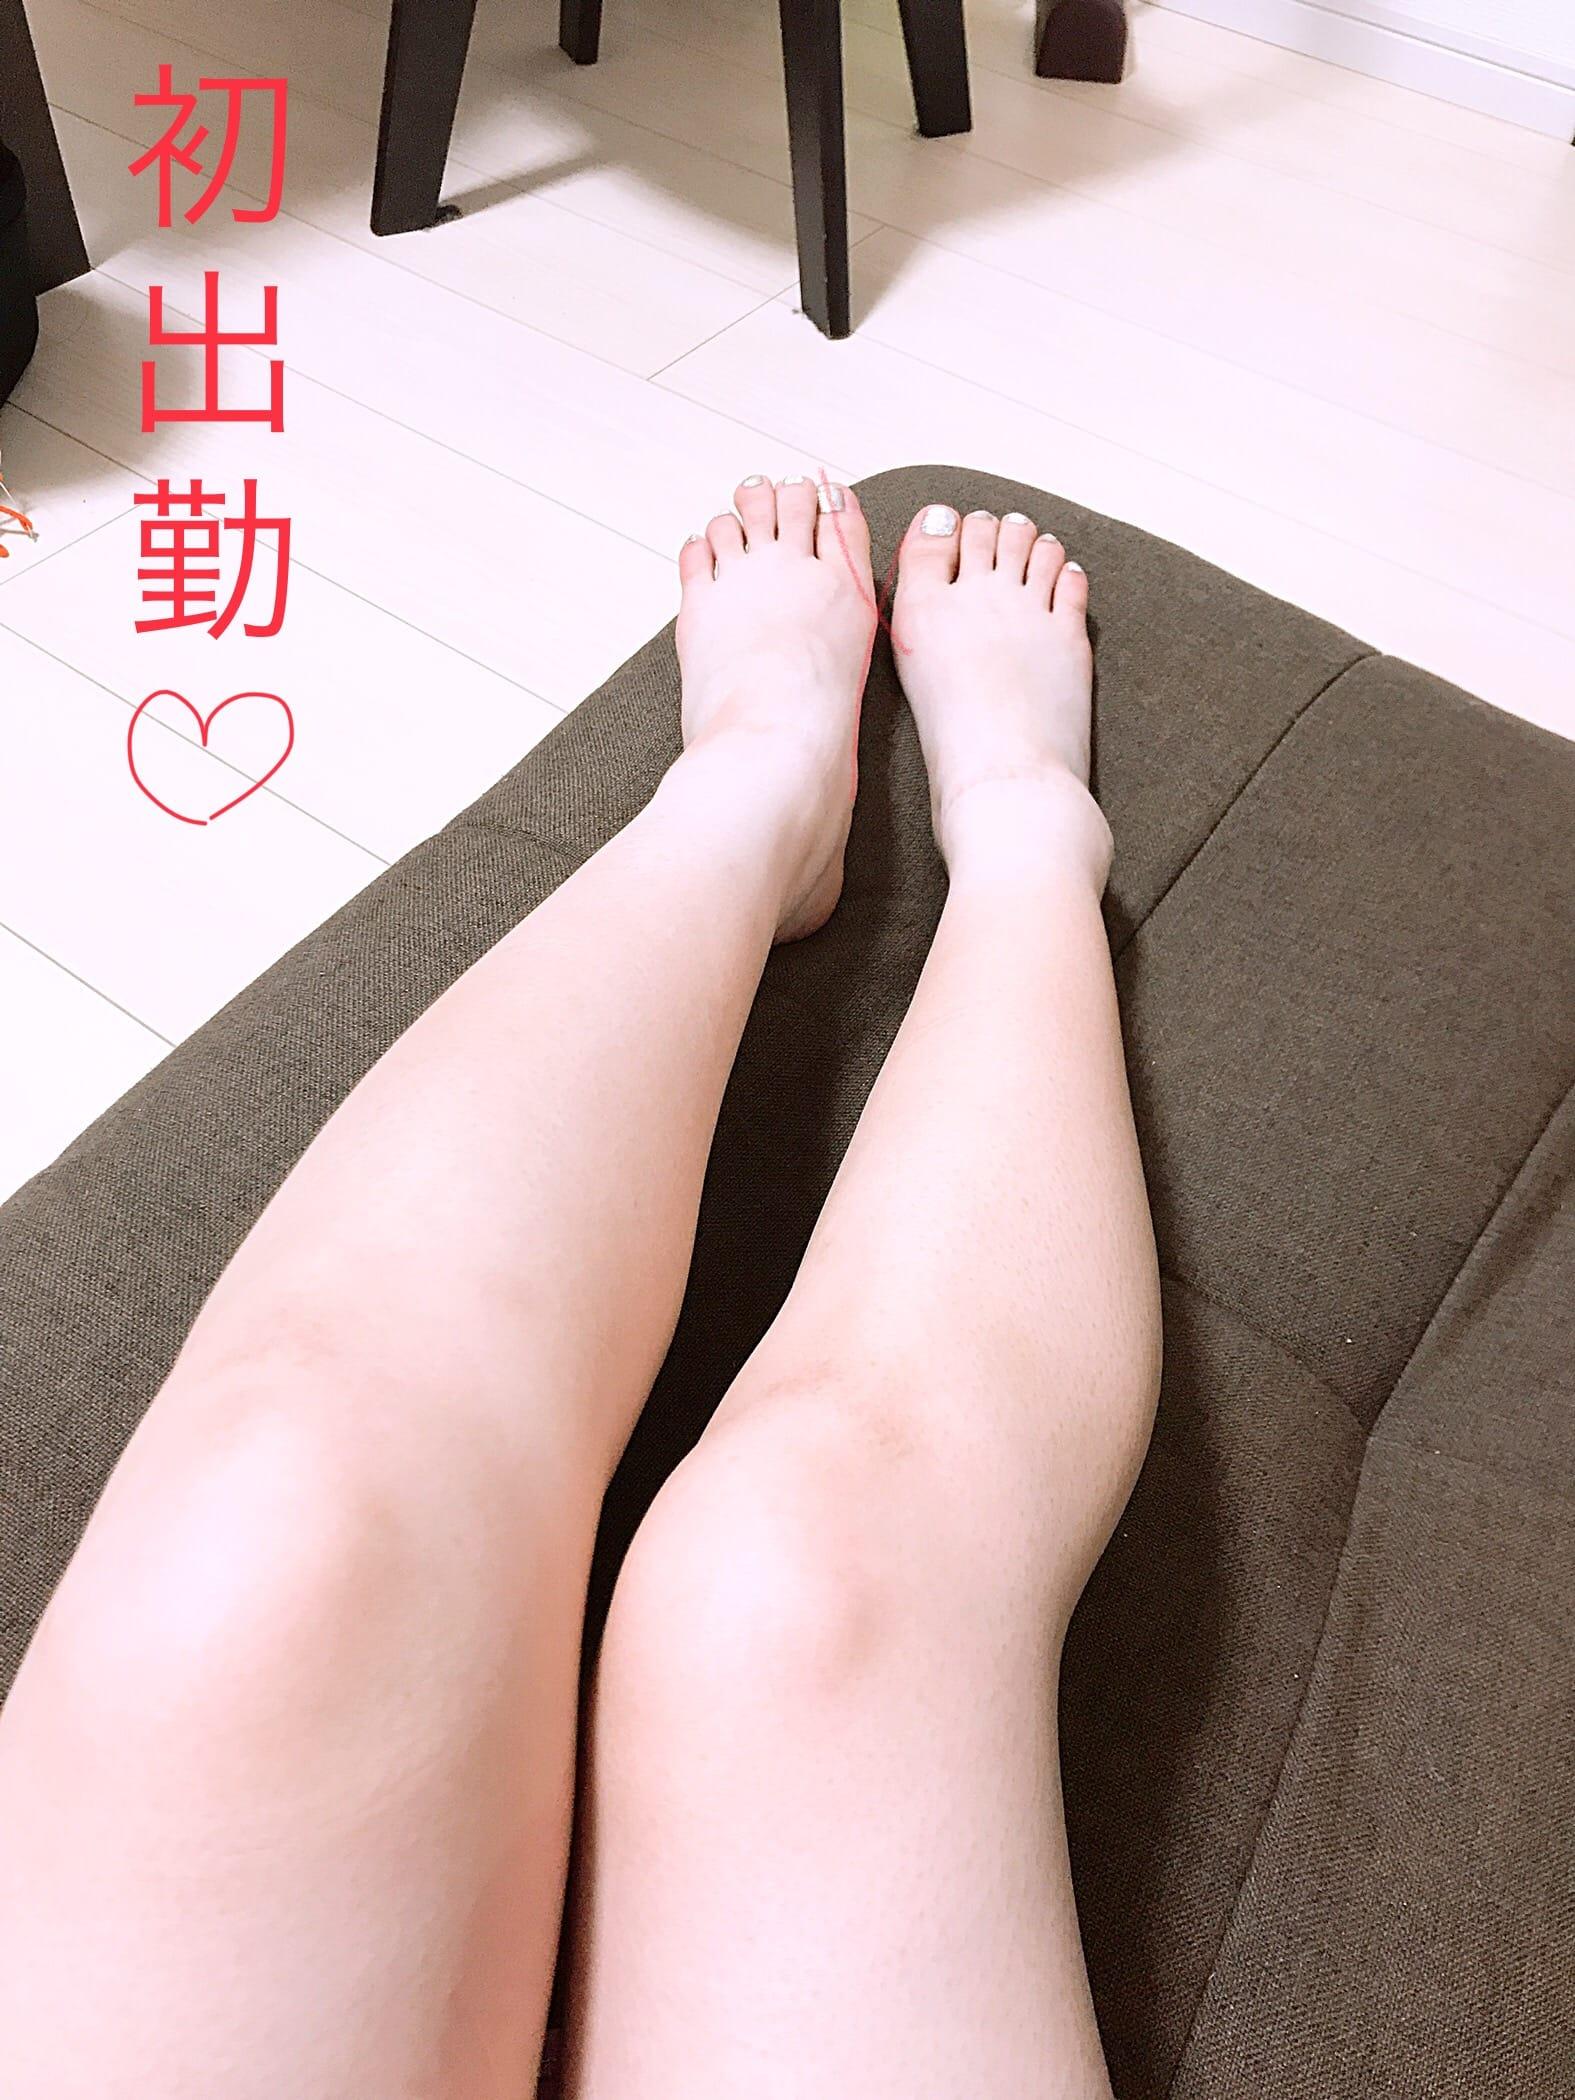 「こんばんは♪」04/20(04/20) 02:05 | 一条ナミの写メ・風俗動画